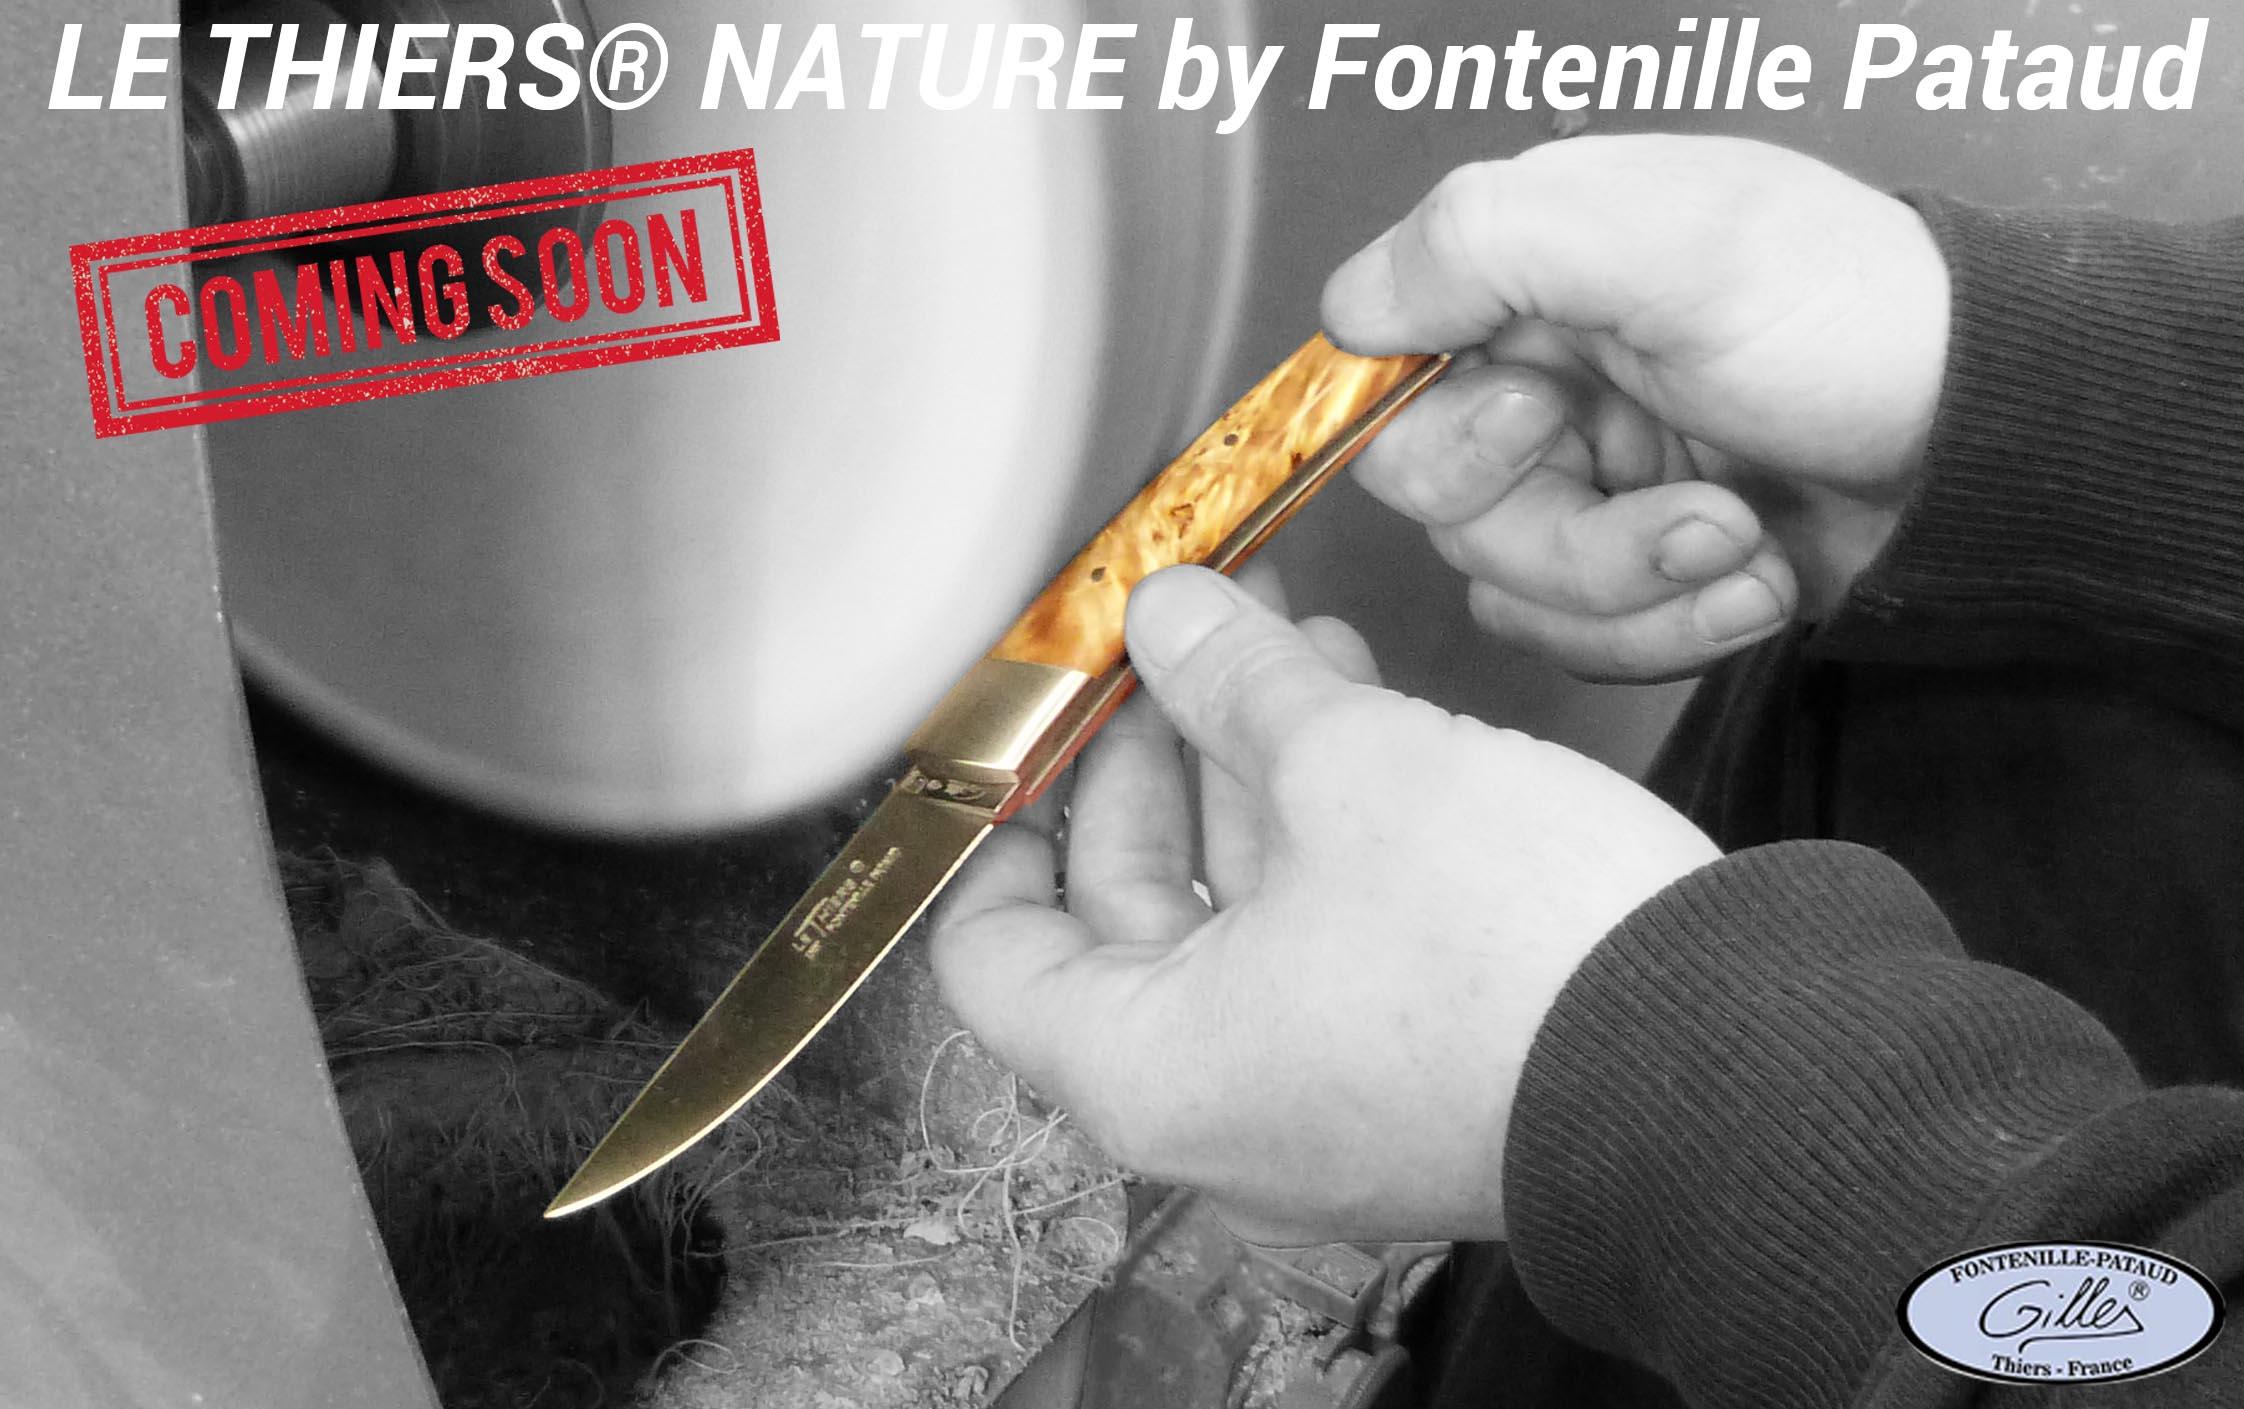 nouveau couteau Le Thiers Nature